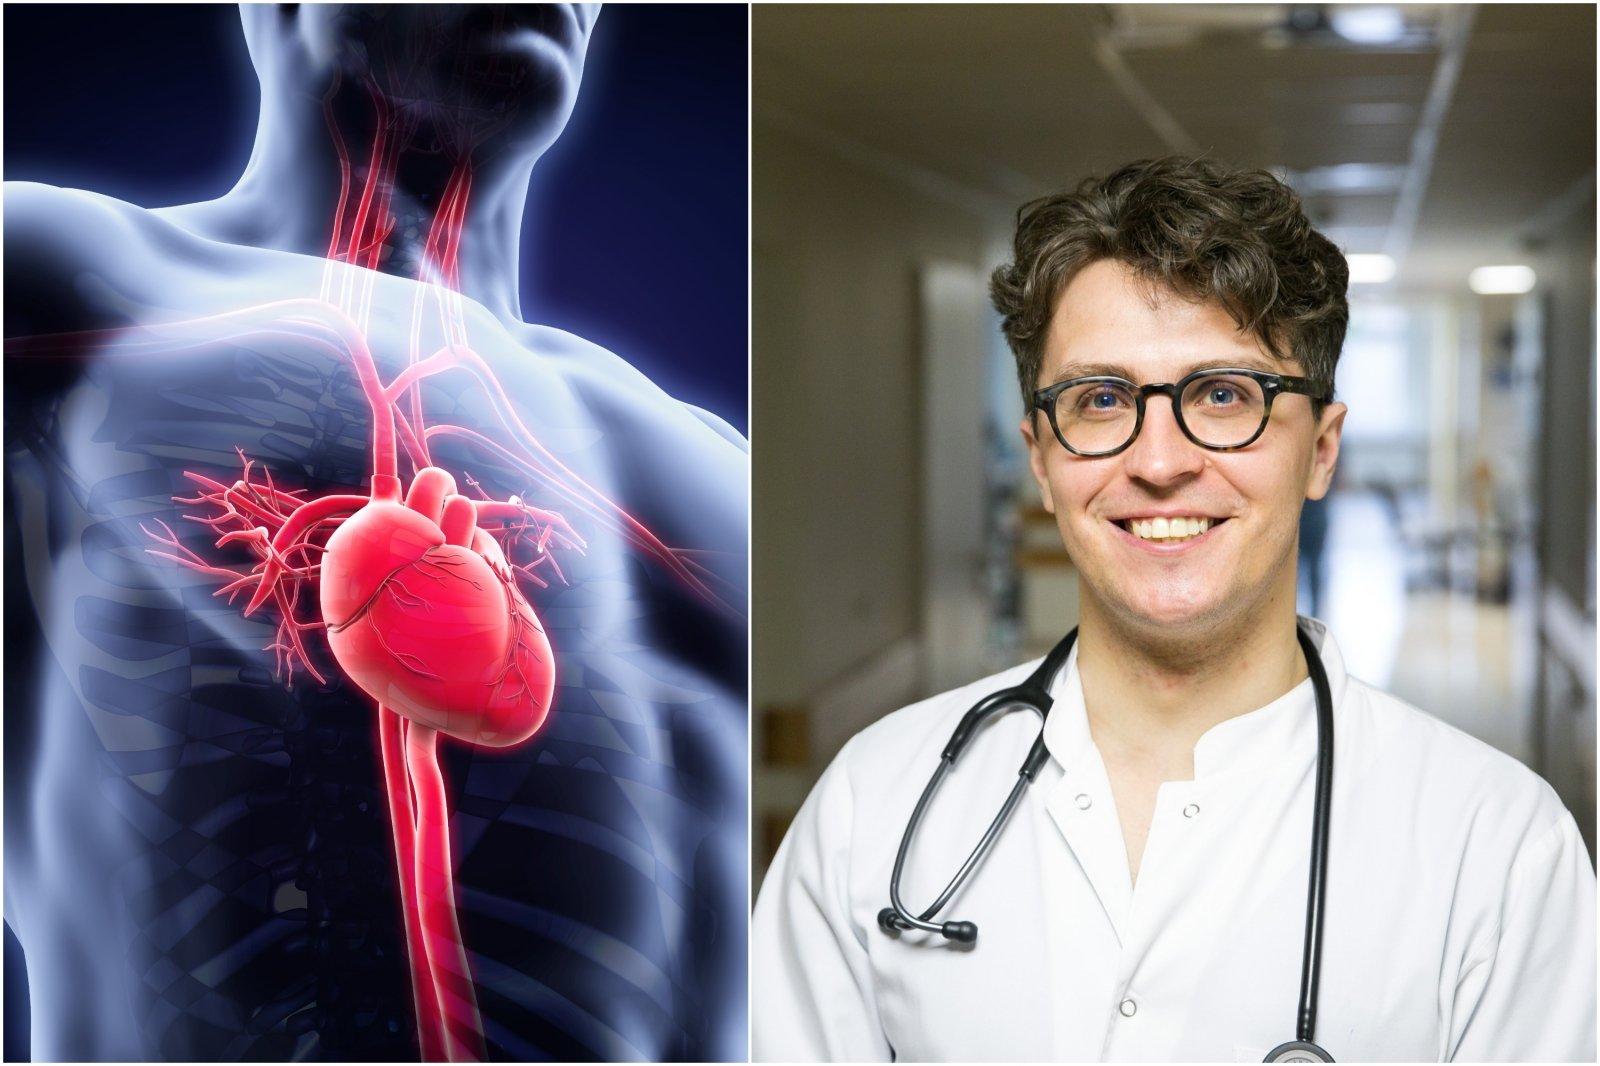 liaudies vaistas nuo aukšto kraujospūdžio insultas su 3 laipsnio hipertenzija